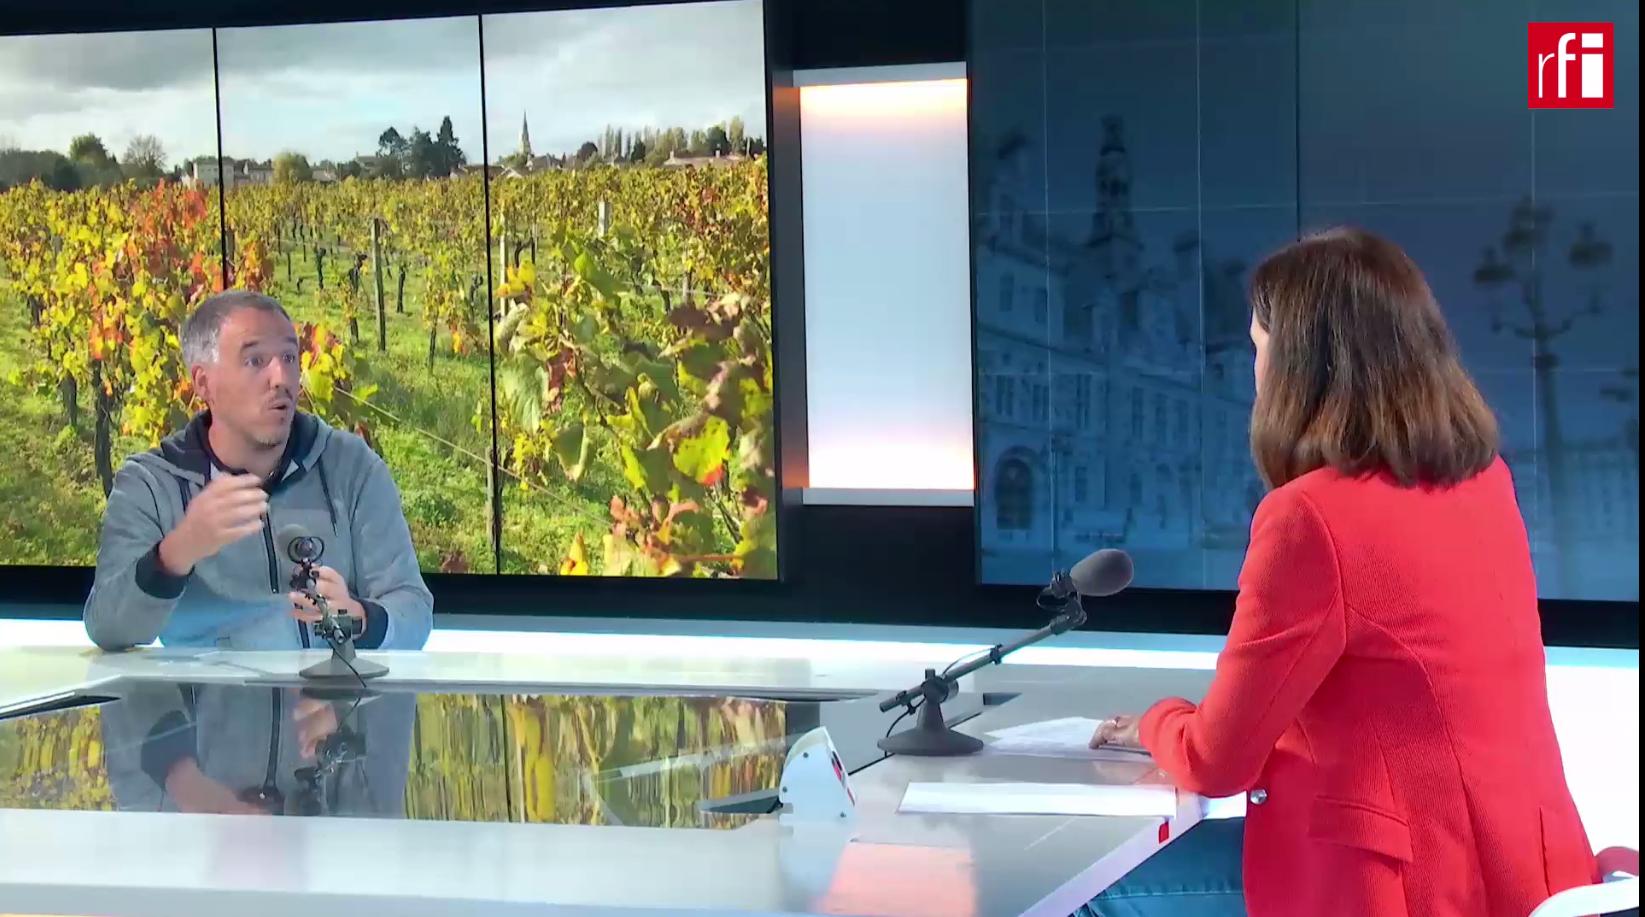 Iñaki García de Cortazar, ingeniero agrónomo investigador en el Instituto Nacional de agricultura, alimentación y medio ambiente de Francia INRAE.